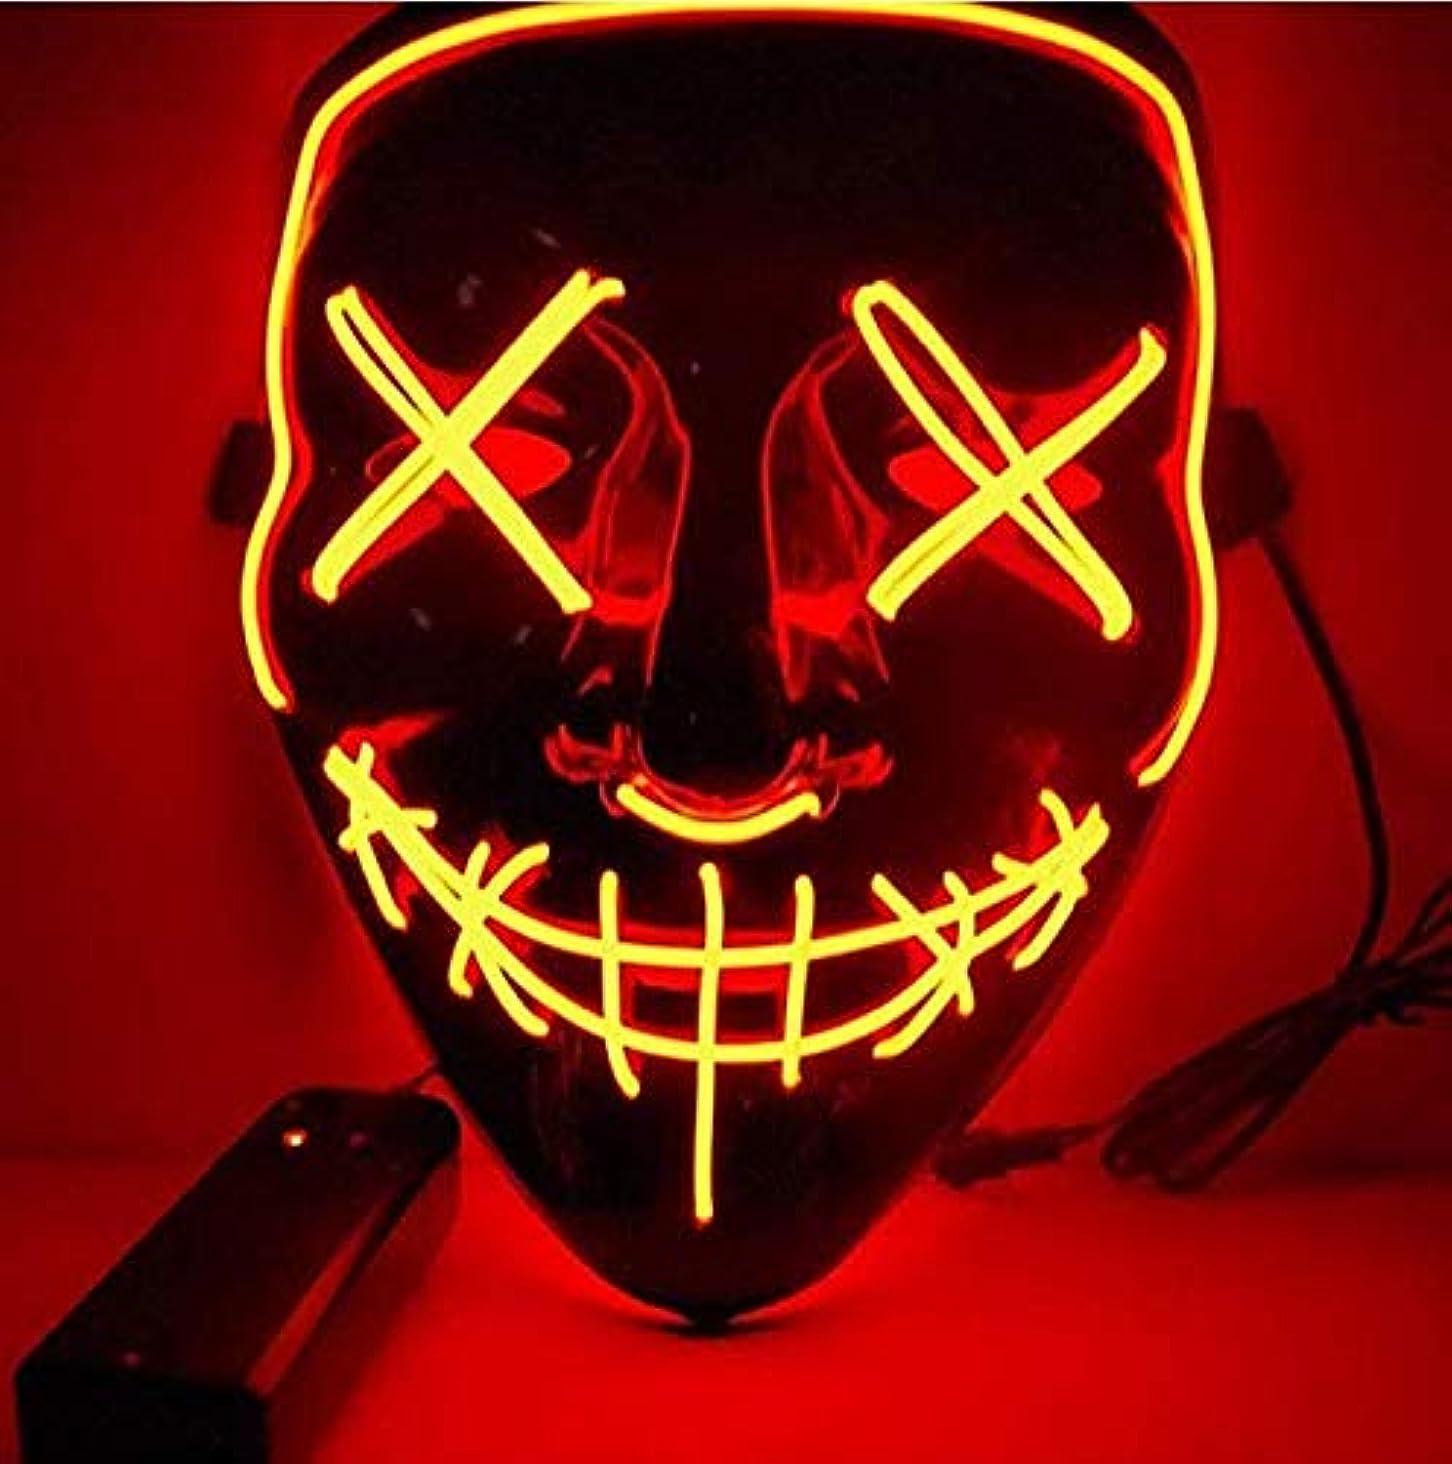 カナダ追い払う汚染ハロウィンマスクLEDライトアップパーティーマスクコスプレコスチュームサプライ暗闇で光る (Color : ROSE RED)